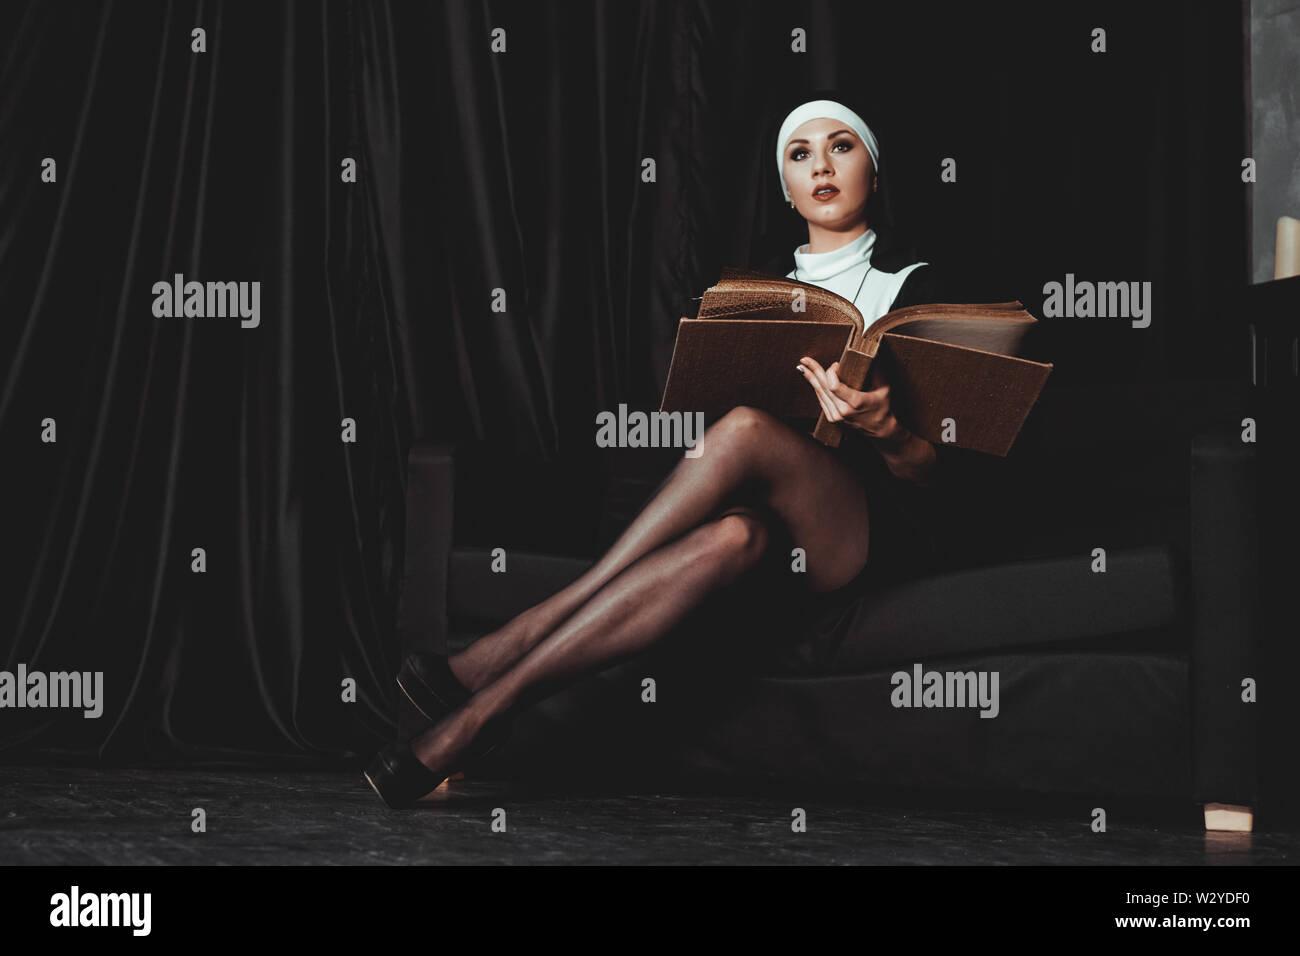 Schöne junge Nonne in Religion schwarzen Anzug hält Bibel und auf Kamera posieren mit großen Buch auf einem schwarzen Hintergrund. Religion Konzept. Stockfoto